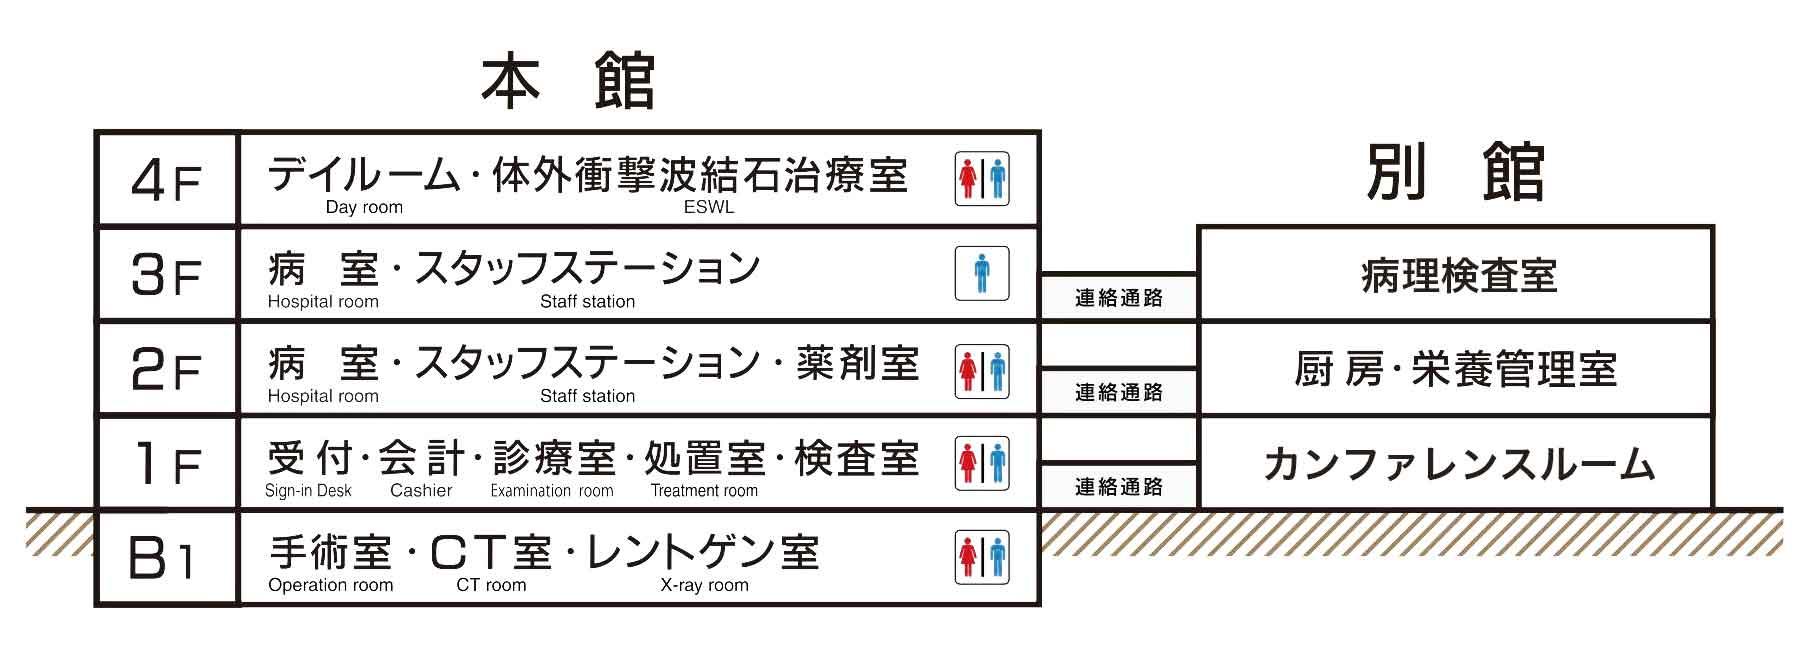 東京国際大堀病院の院内図